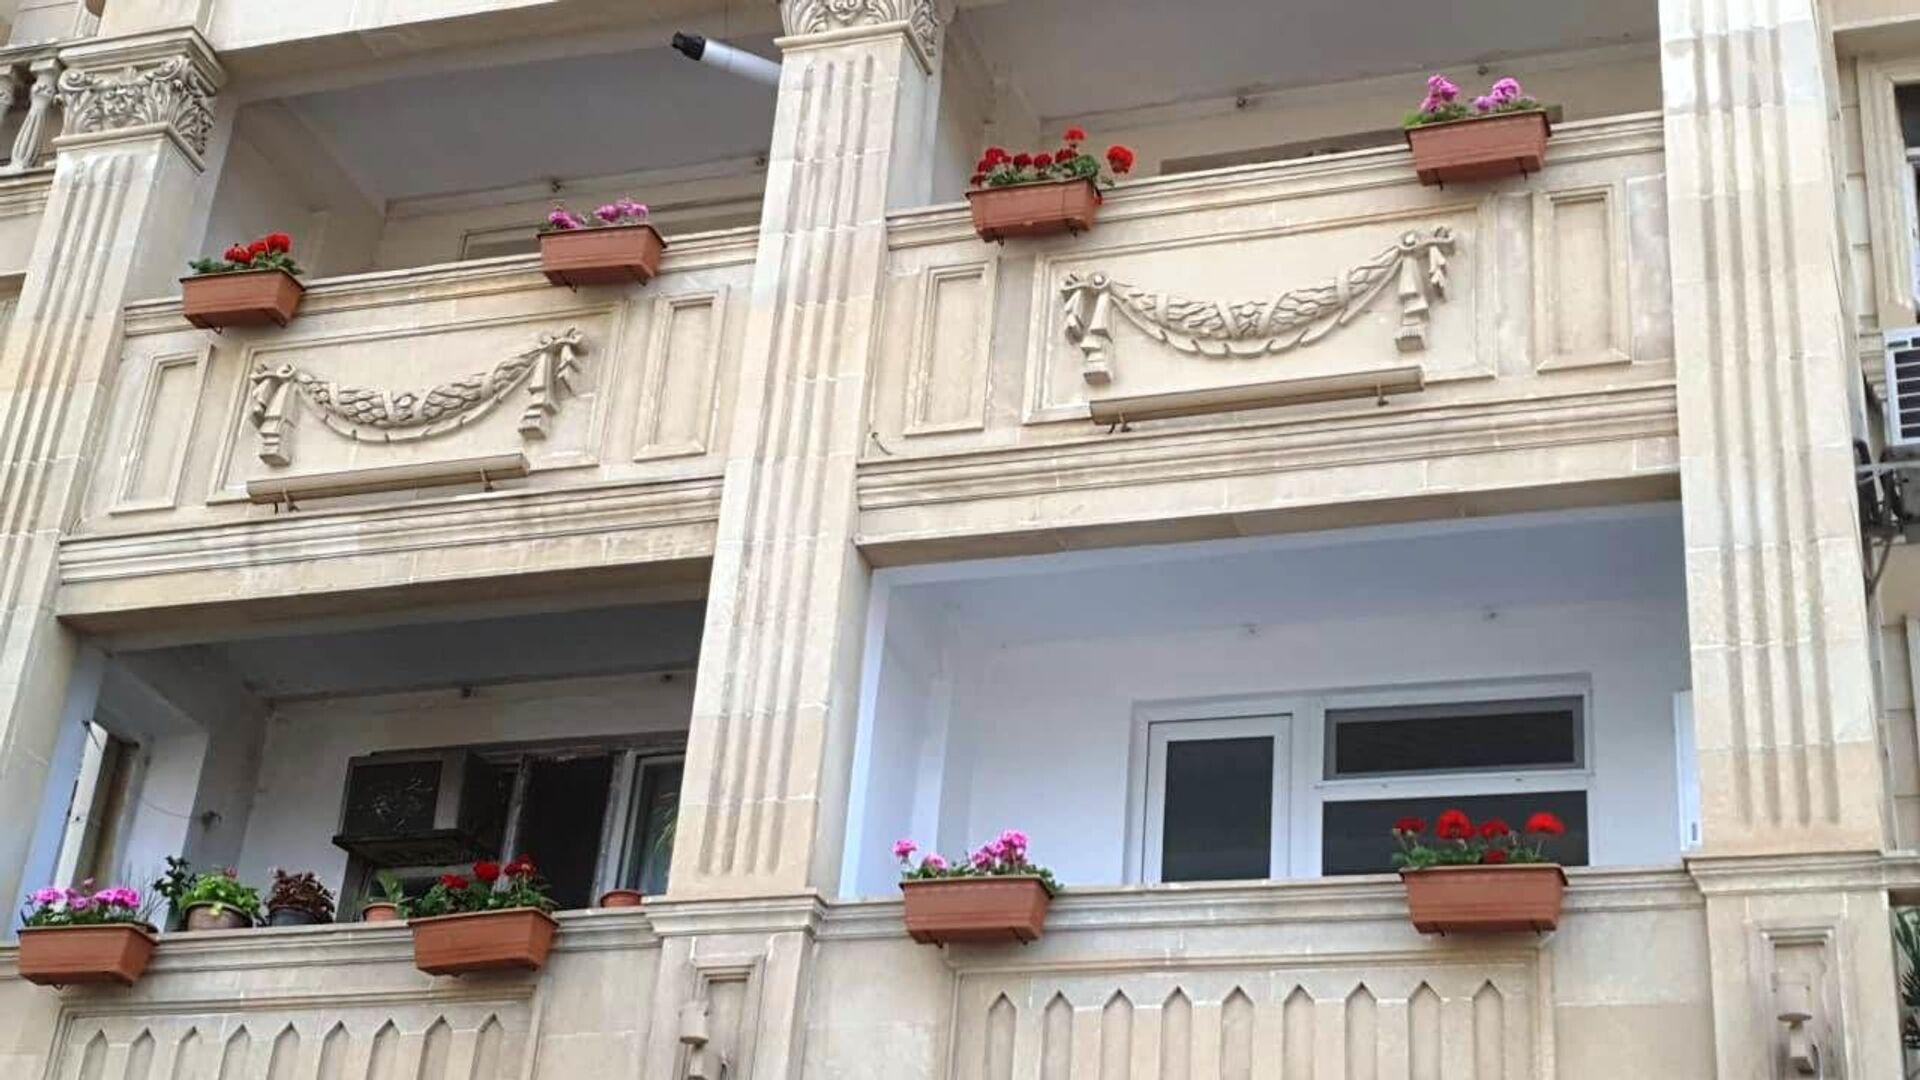 Власти Баку украшают балконы цветами: вся надежда - на совесть жильцов - Sputnik Азербайджан, 1920, 10.06.2021